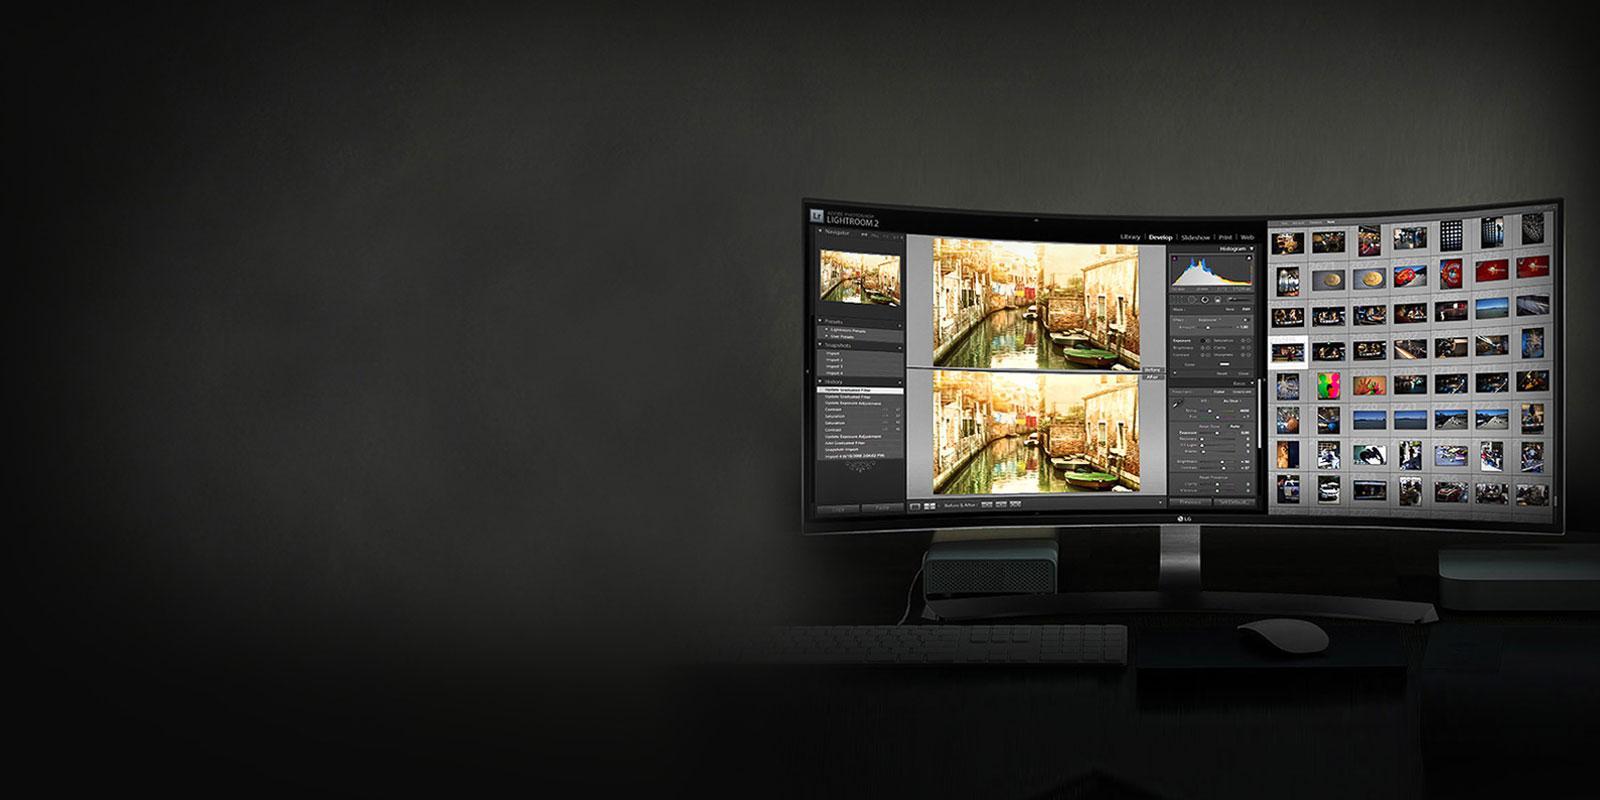 شاشات وتلفزيونات شركة LG